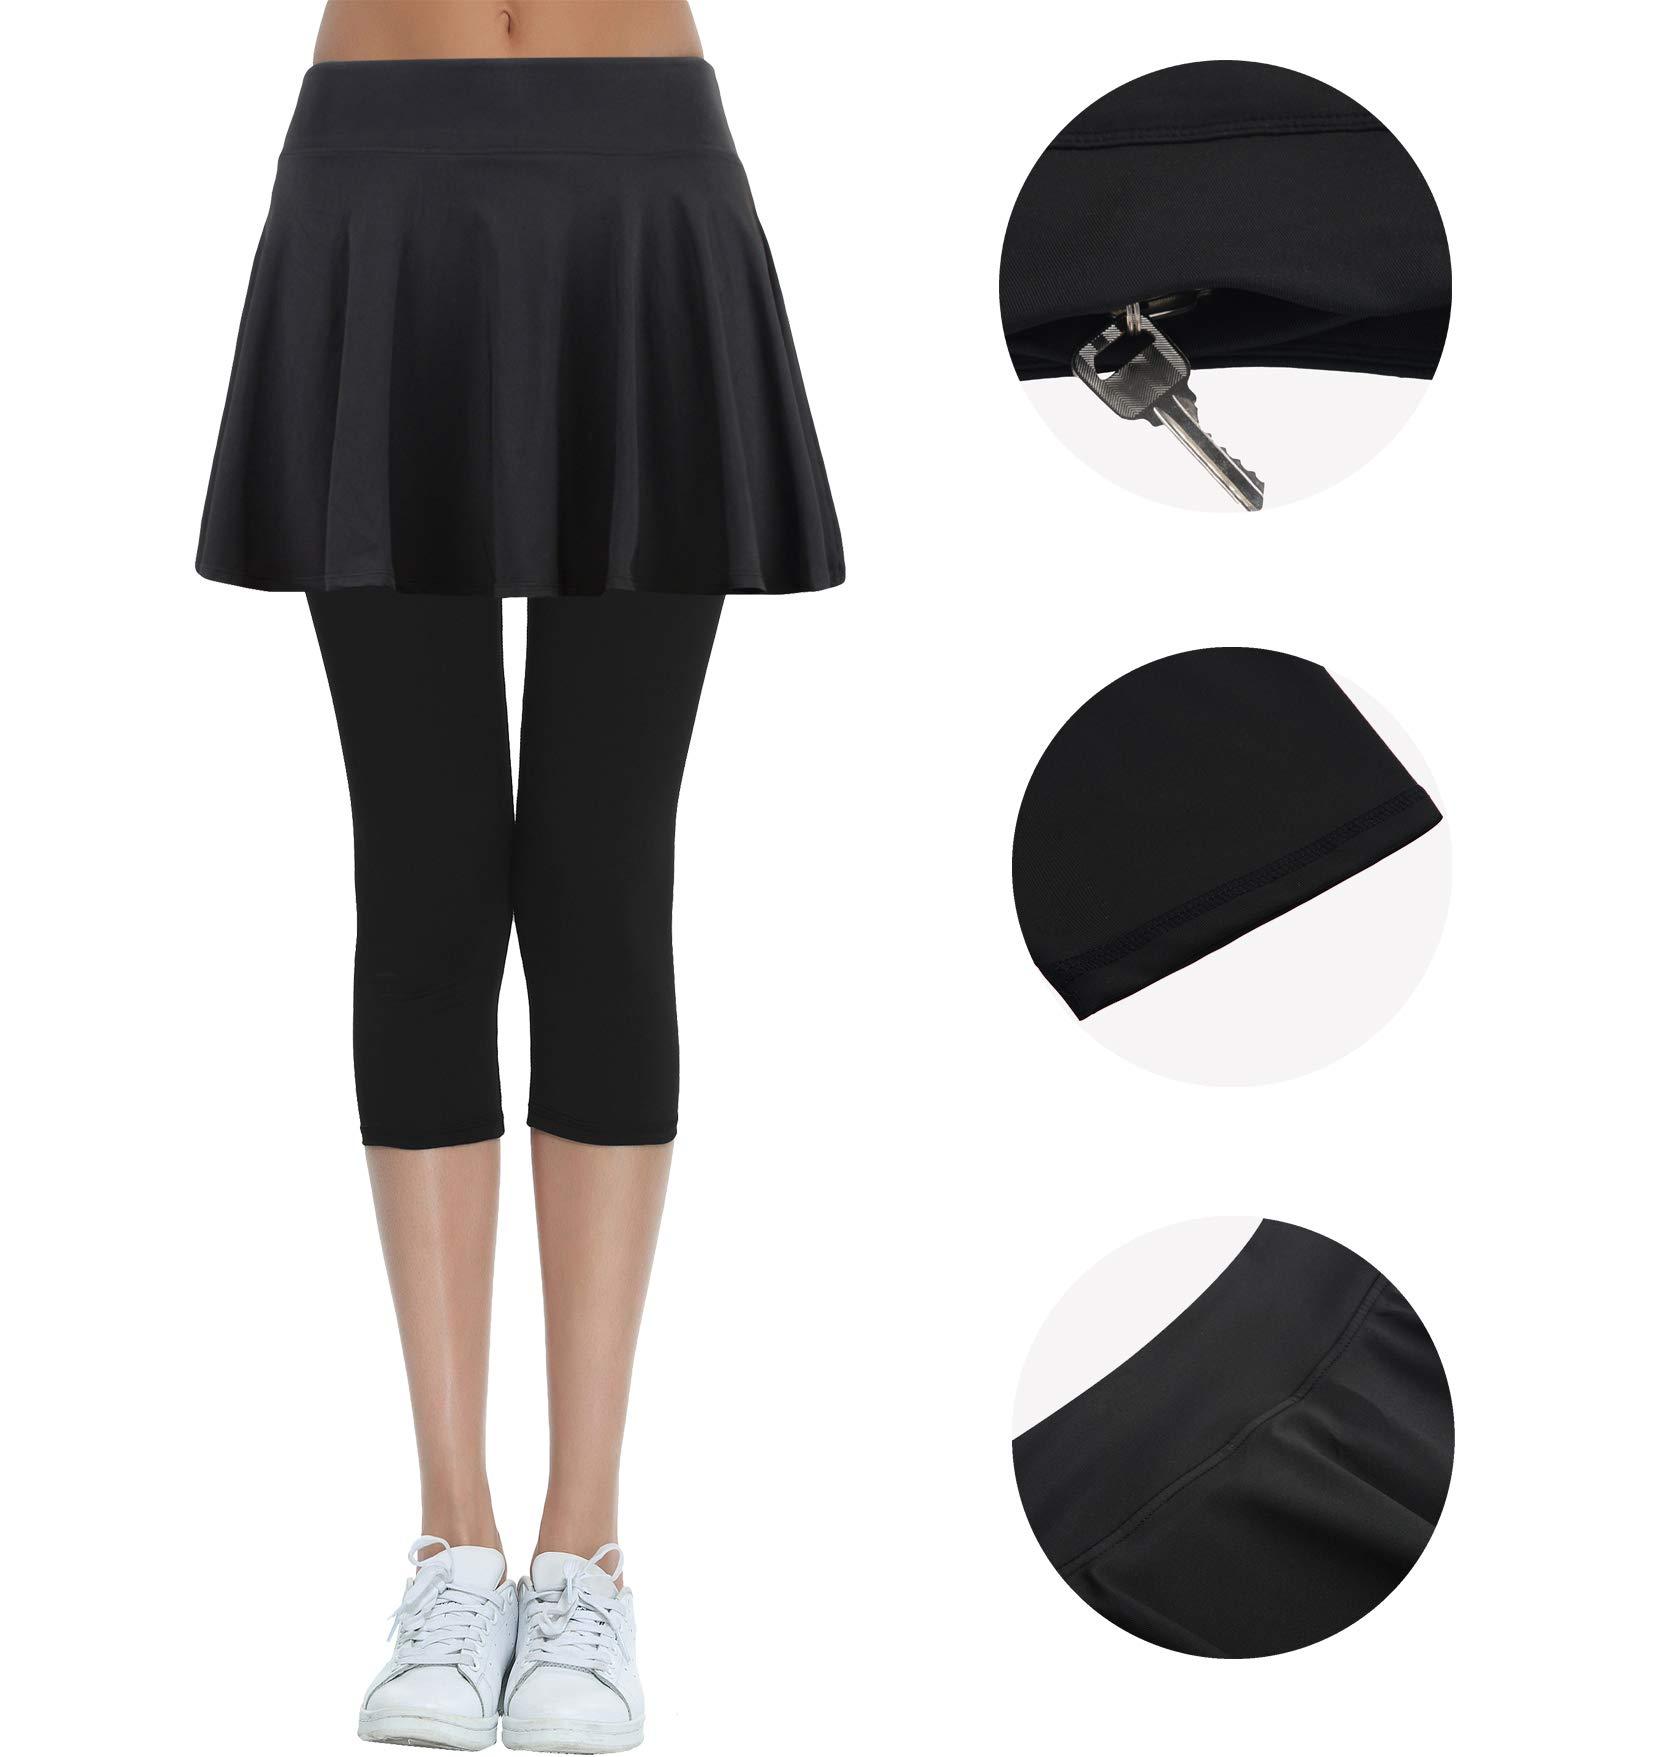 HonourSport Women's Skirted Capri Leggings, Active Tennis Printed Skorts(Black,S)